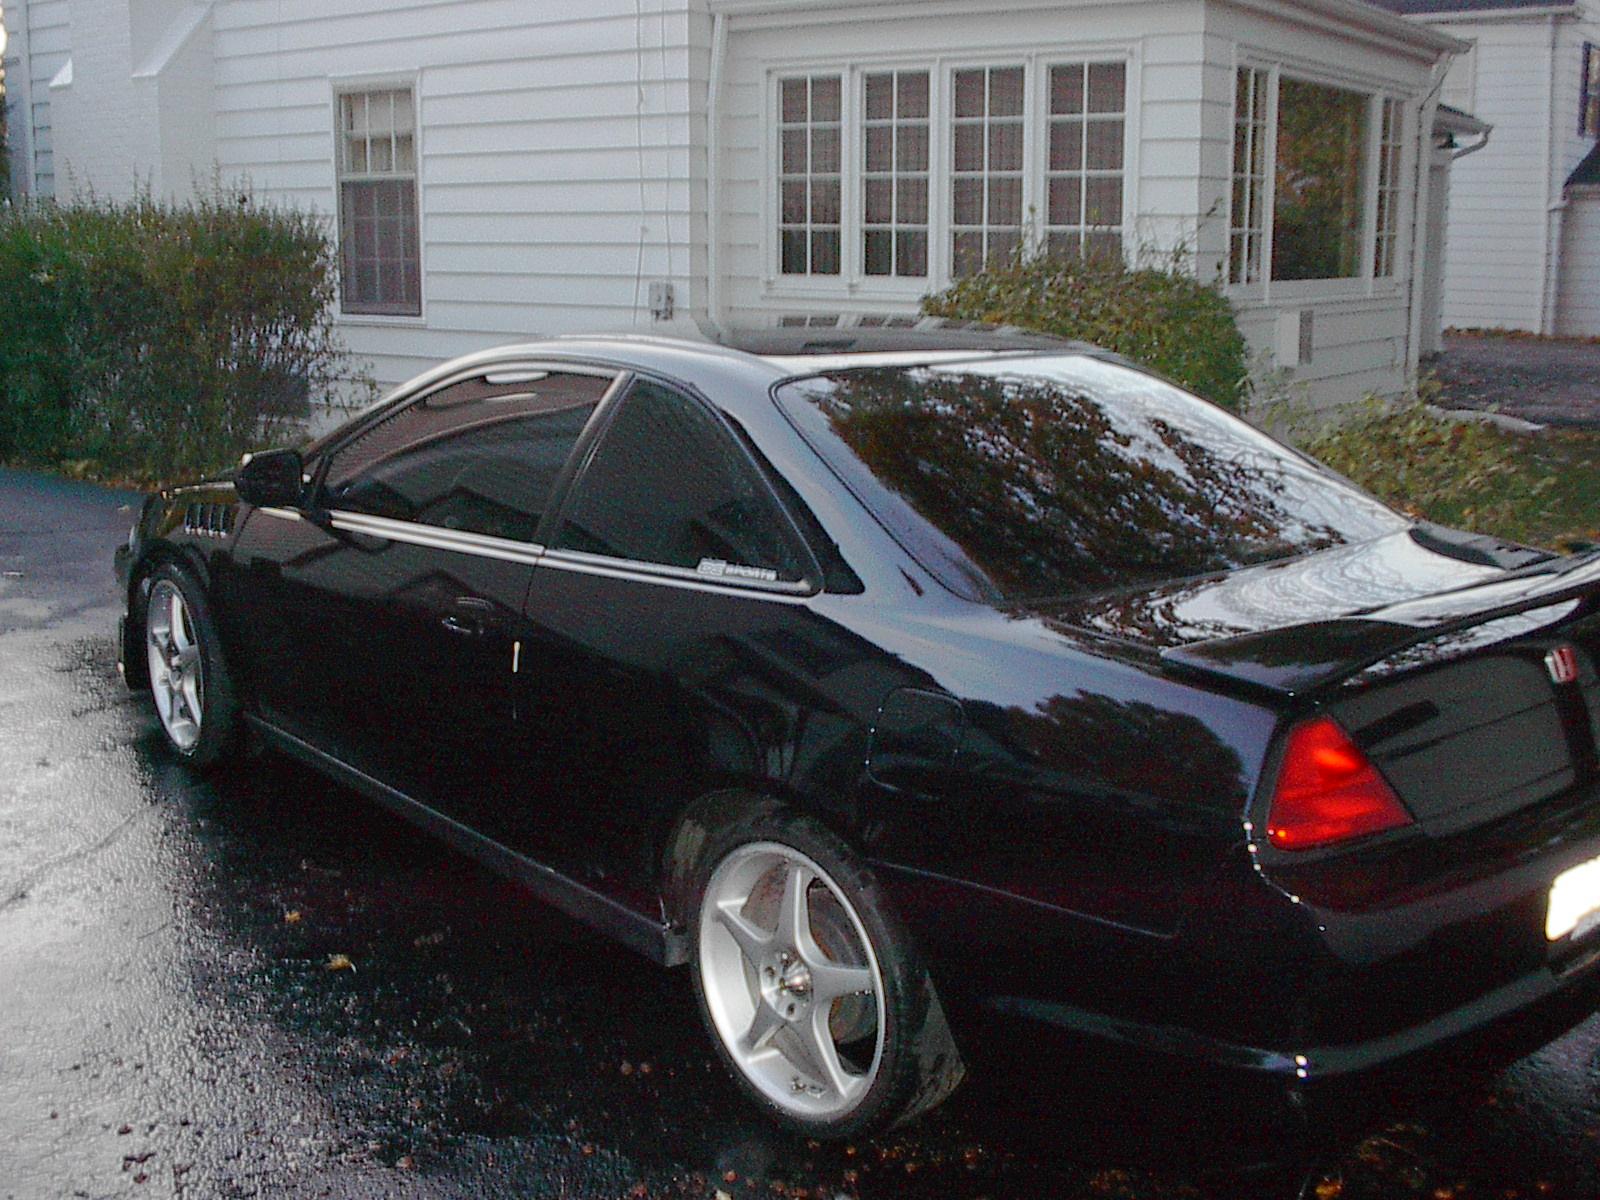 2001 Honda Accord - Exterior Pictures - CarGurus